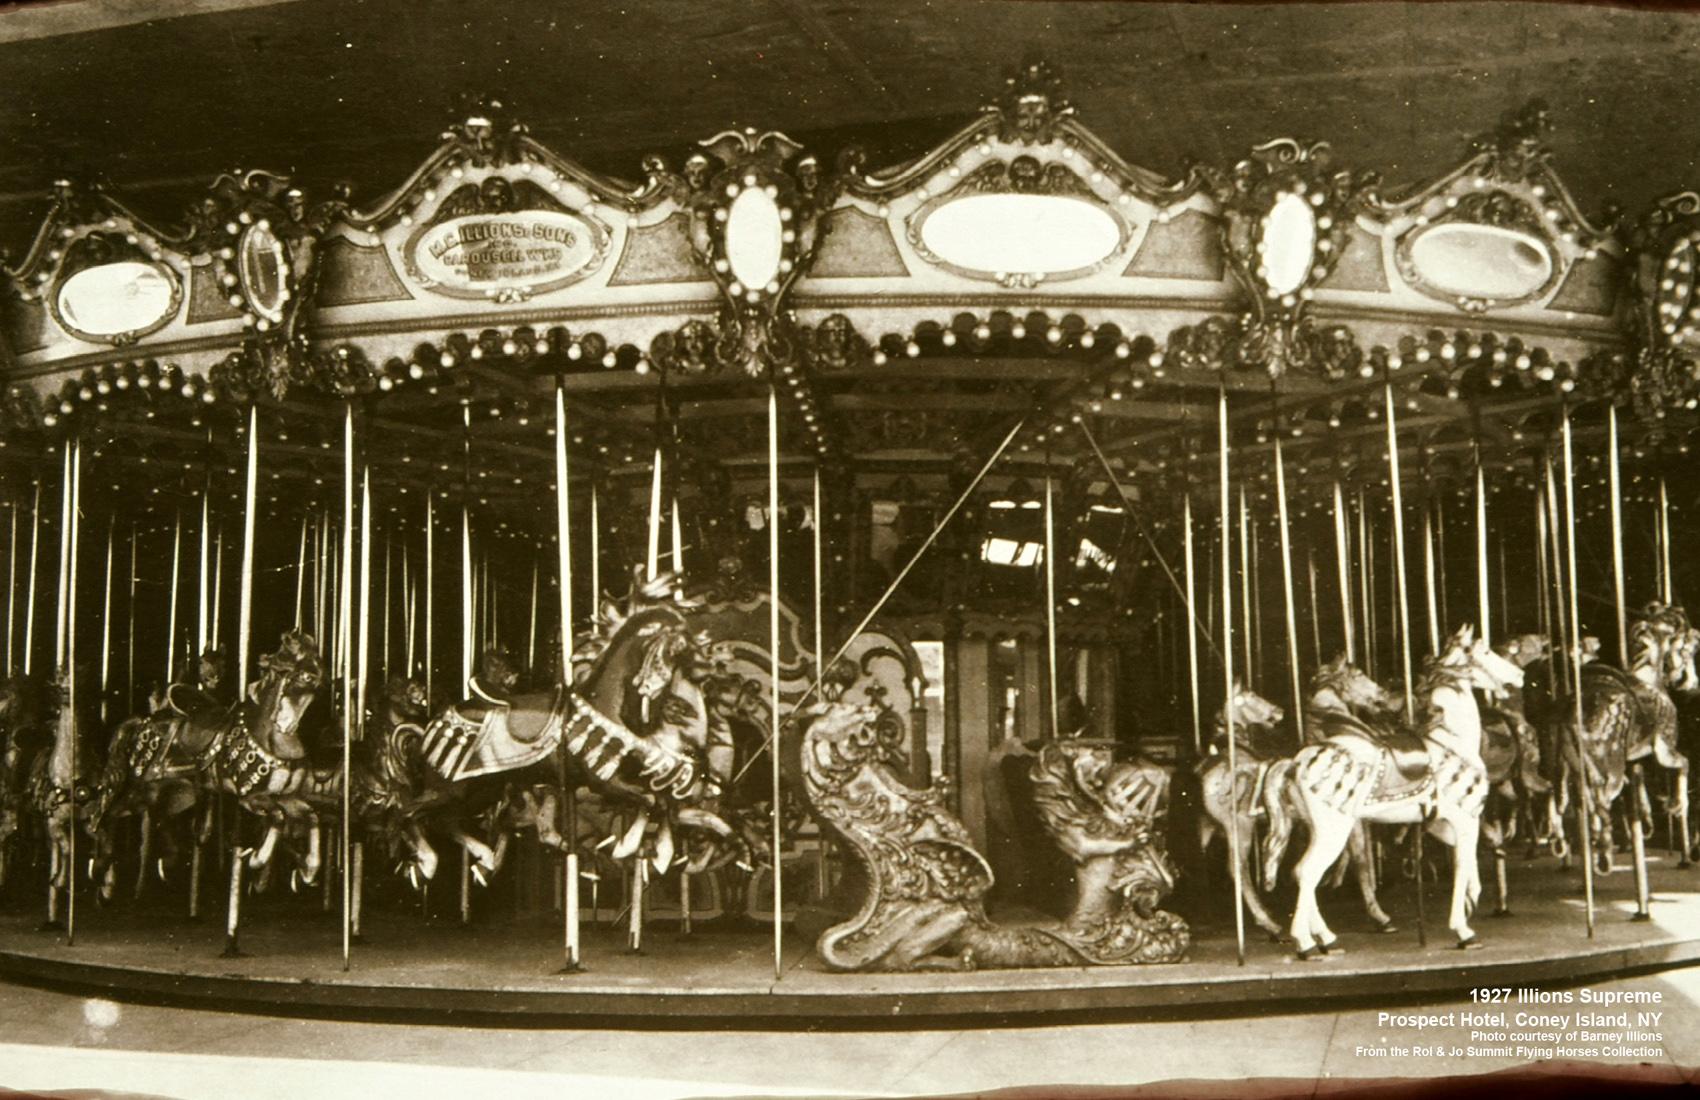 1927-Illions-Supreme-historic-carousel-CNT_FEB_10